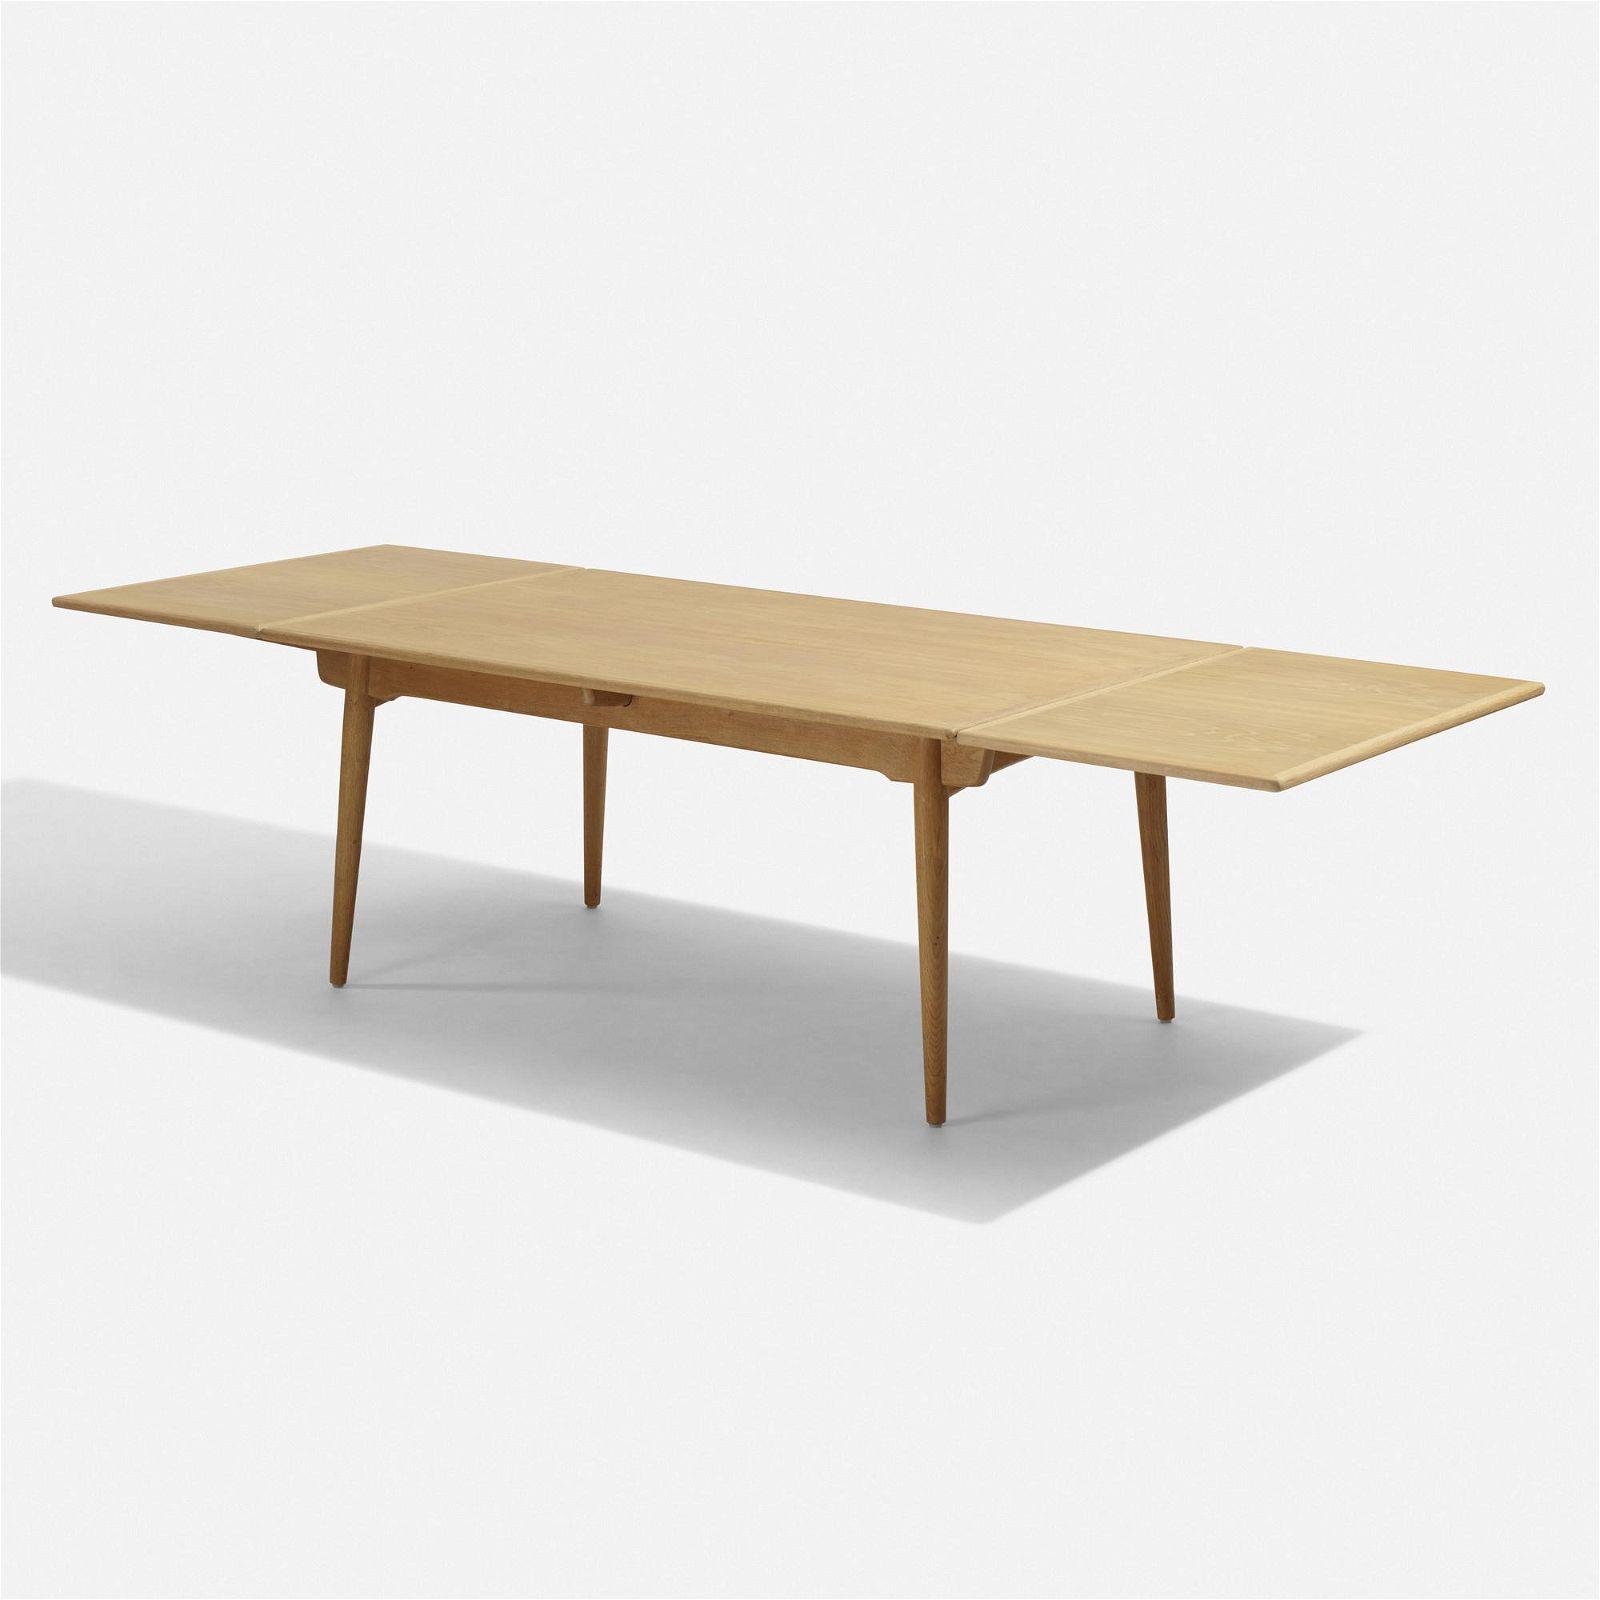 Hans J. Wegner, Dining table, model AT 312